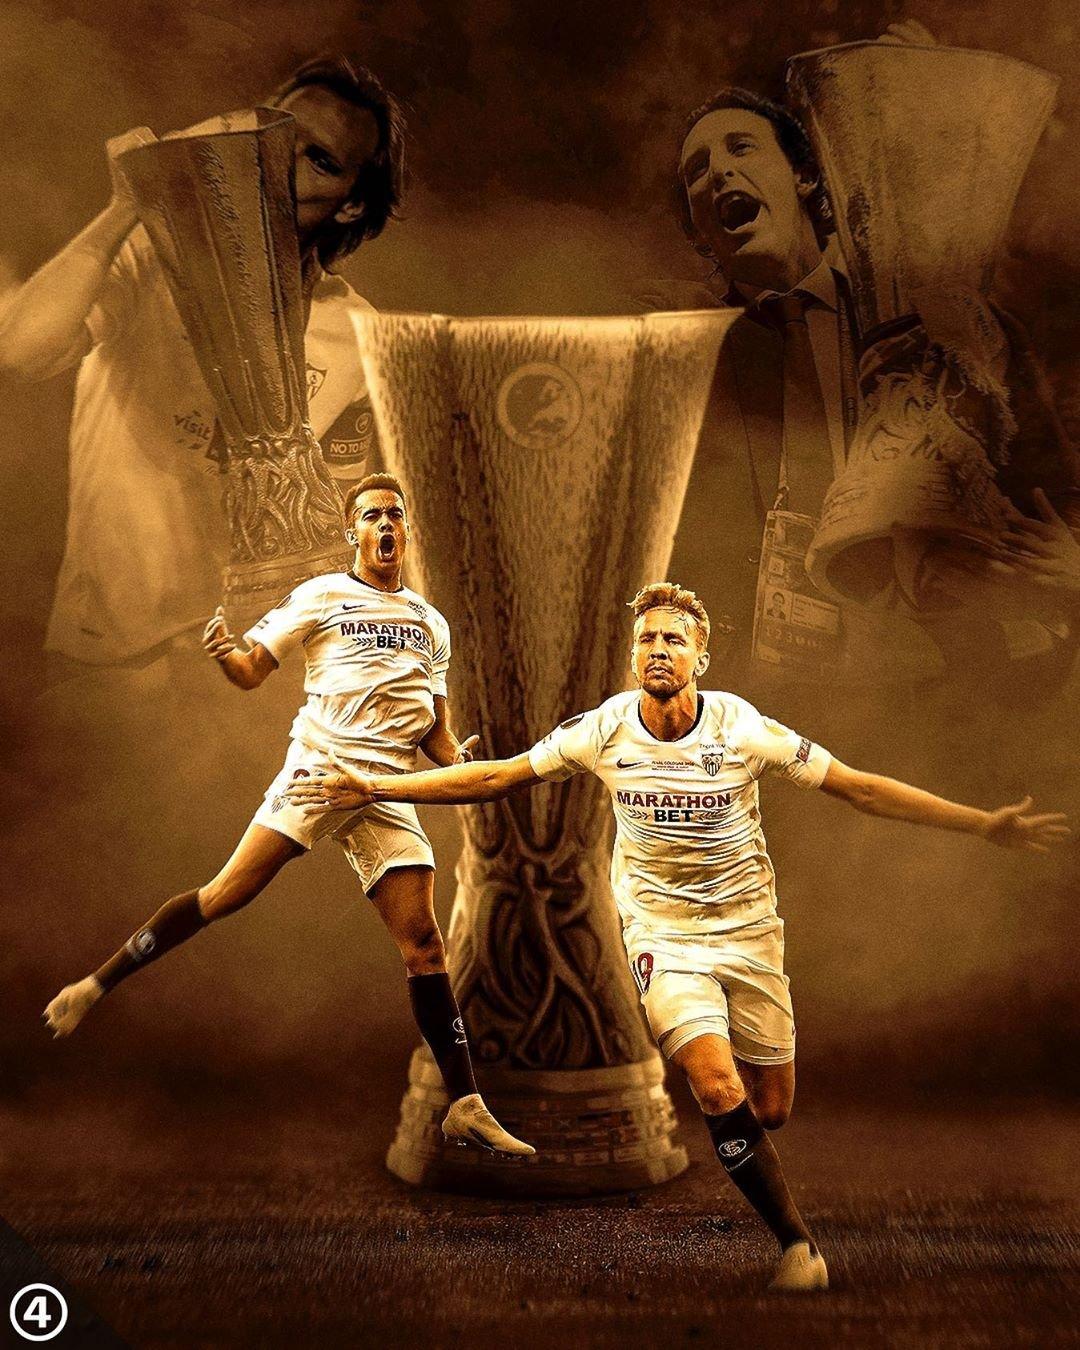 心怀旧主!拉莫斯发文庆祝塞维利亚6次捧得欧联杯冠军